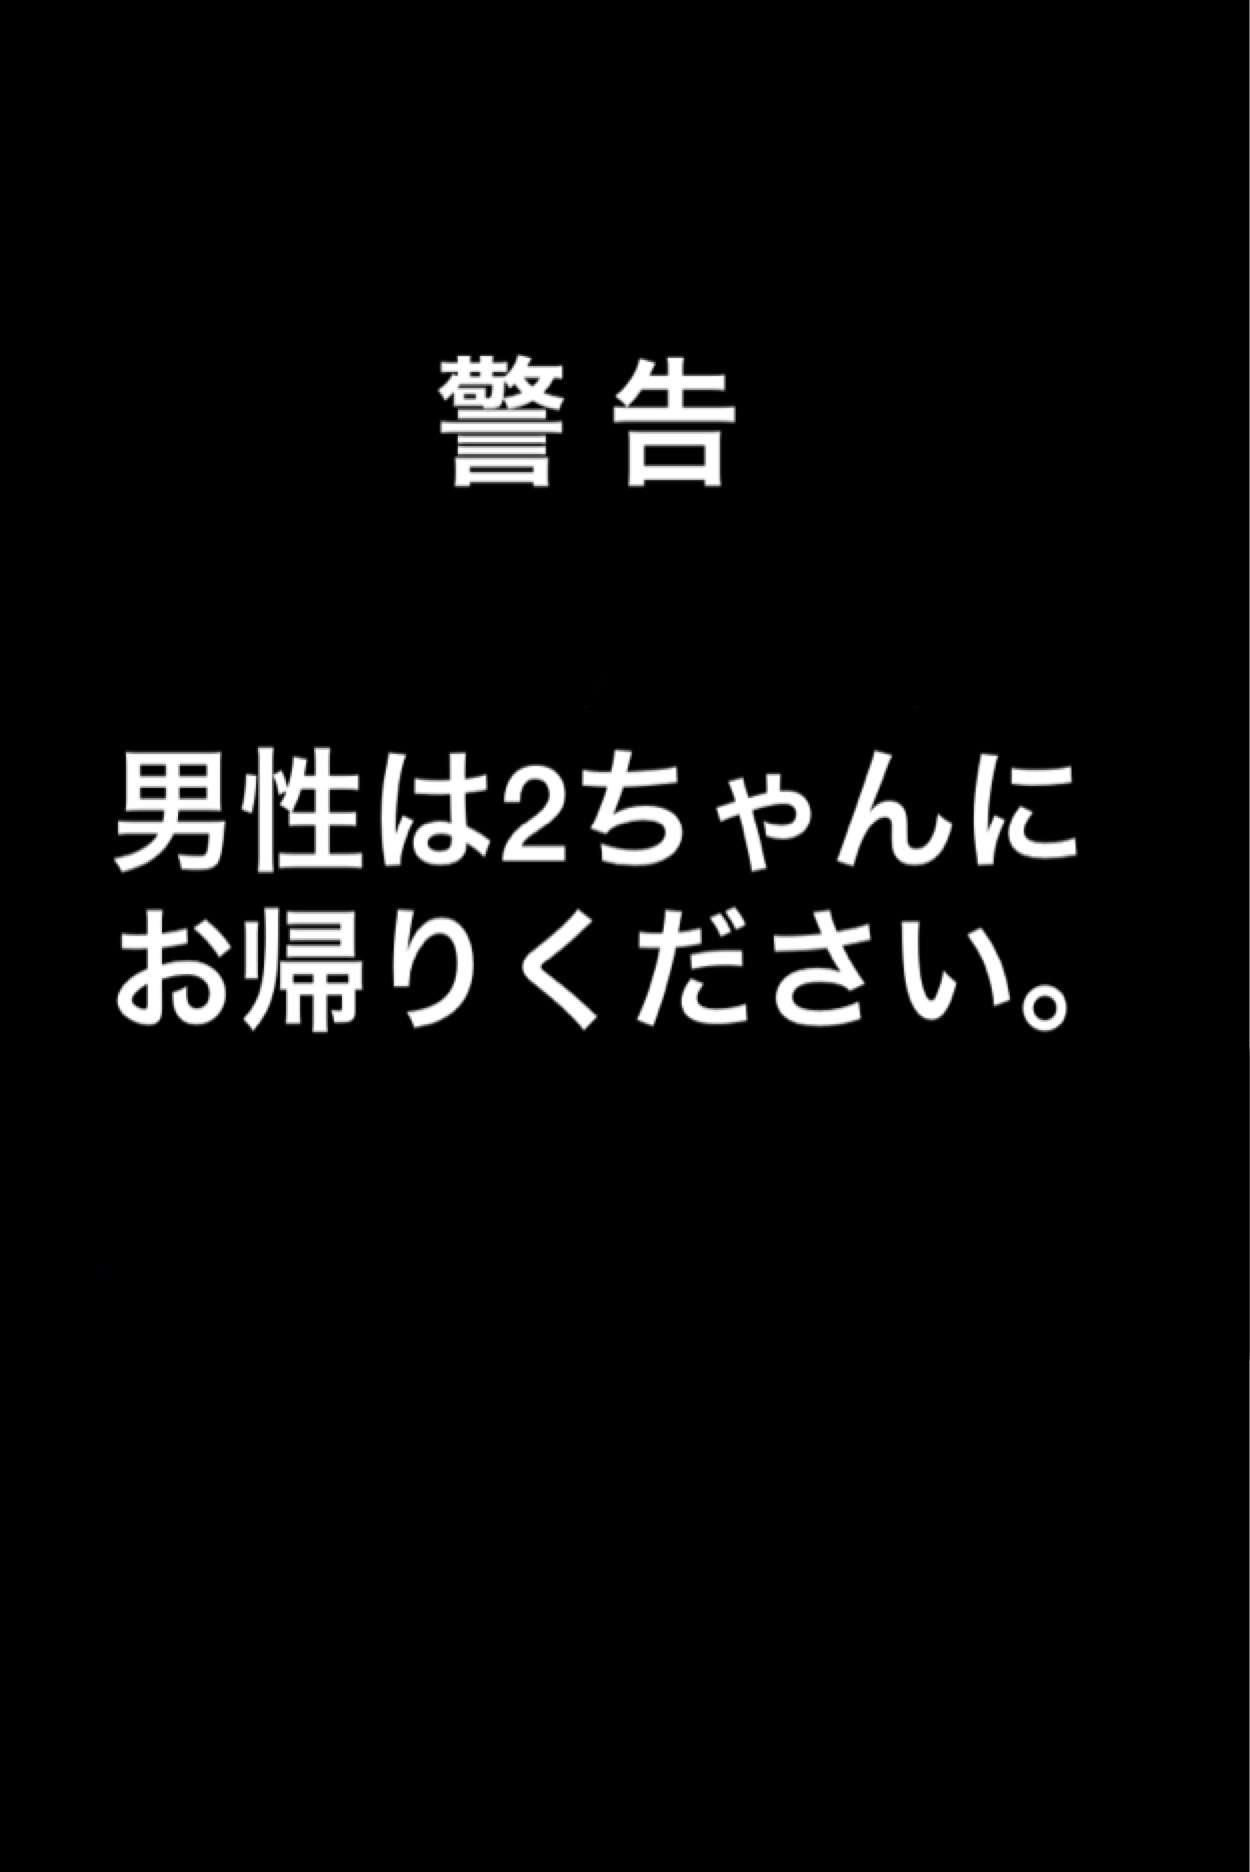 【ガルちゃん夜会】若かりし頃の純愛・熱愛・Hの思ひ出